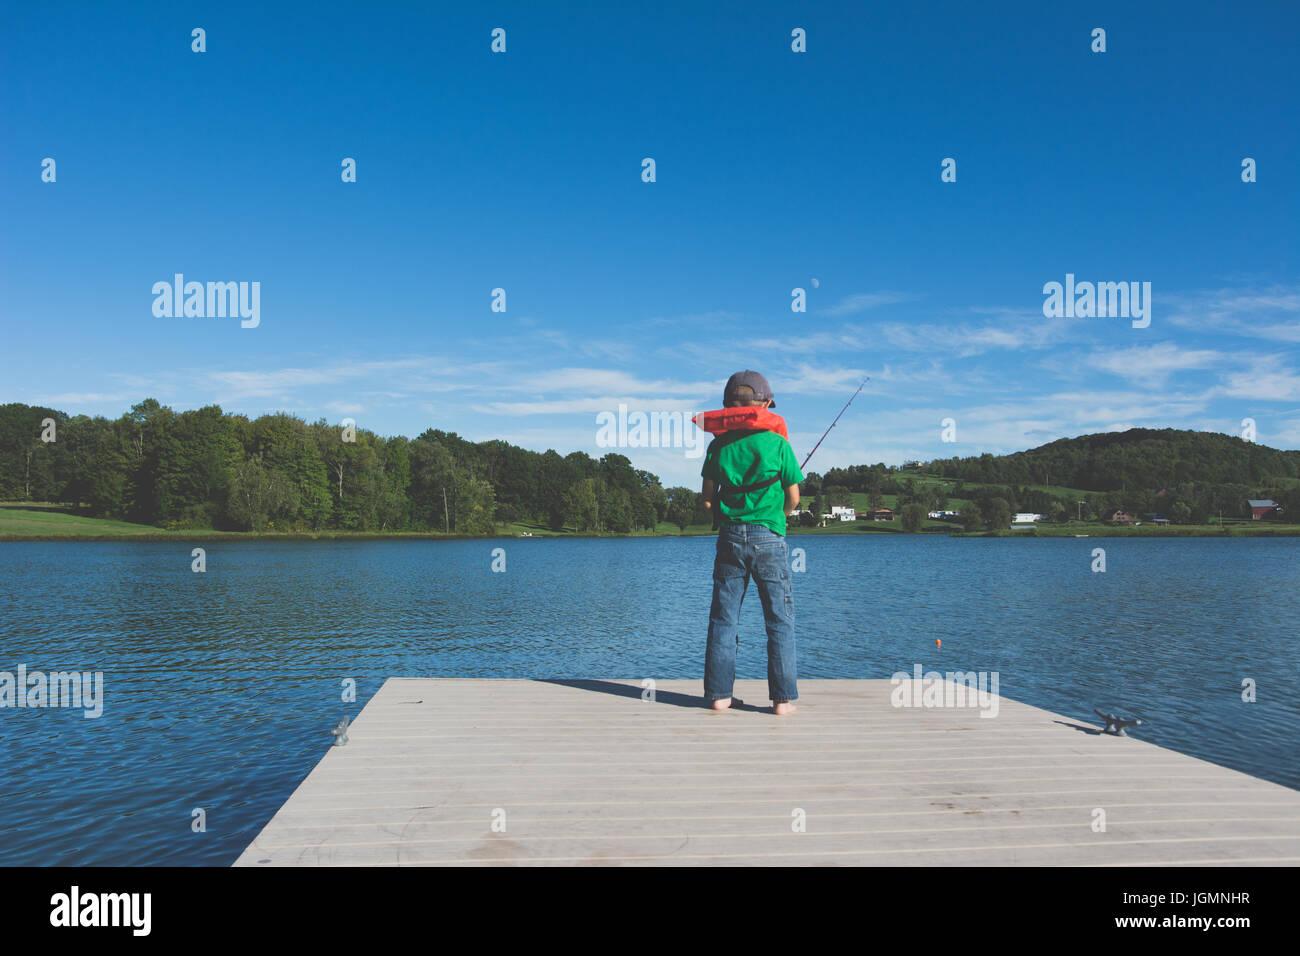 Un niño pesca en un muelle en un estanque en una zona rural. Imagen De Stock